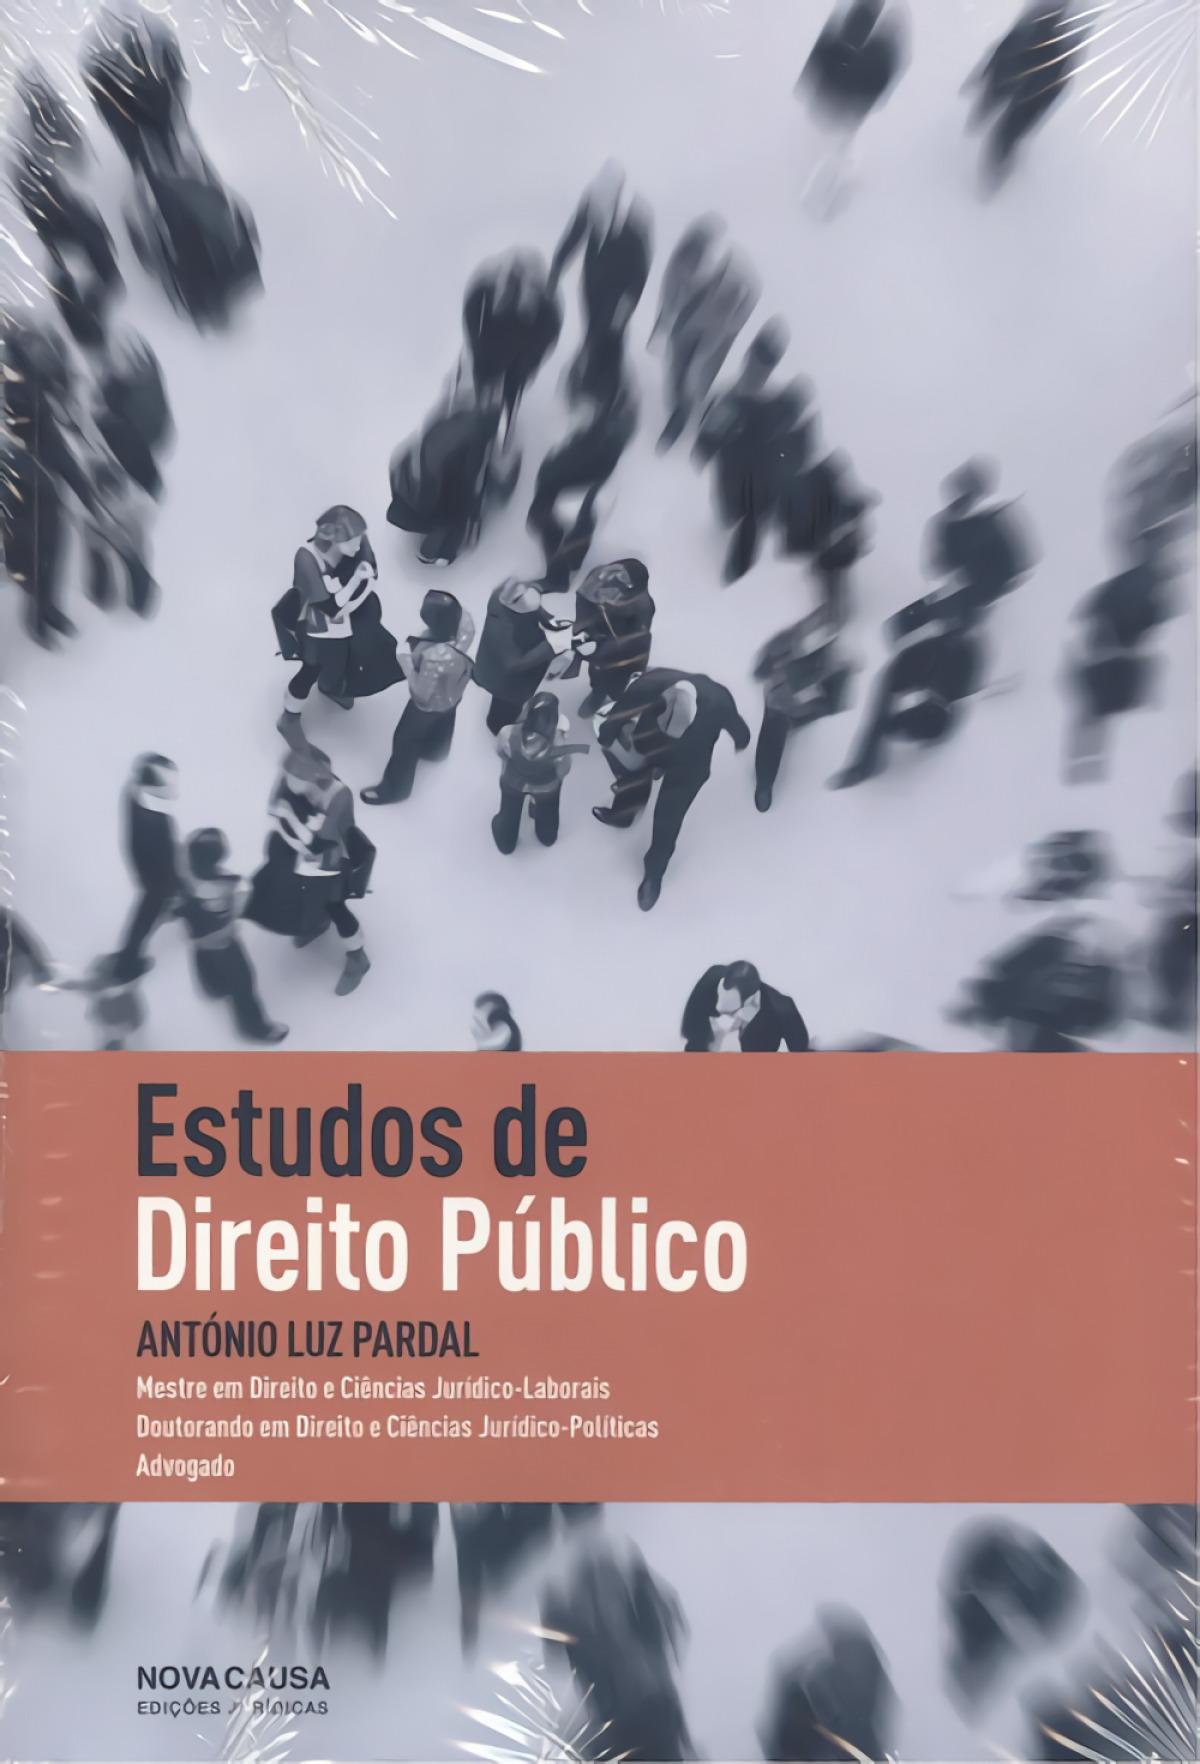 ESTUDOS DE DIREITO PÚBLICO